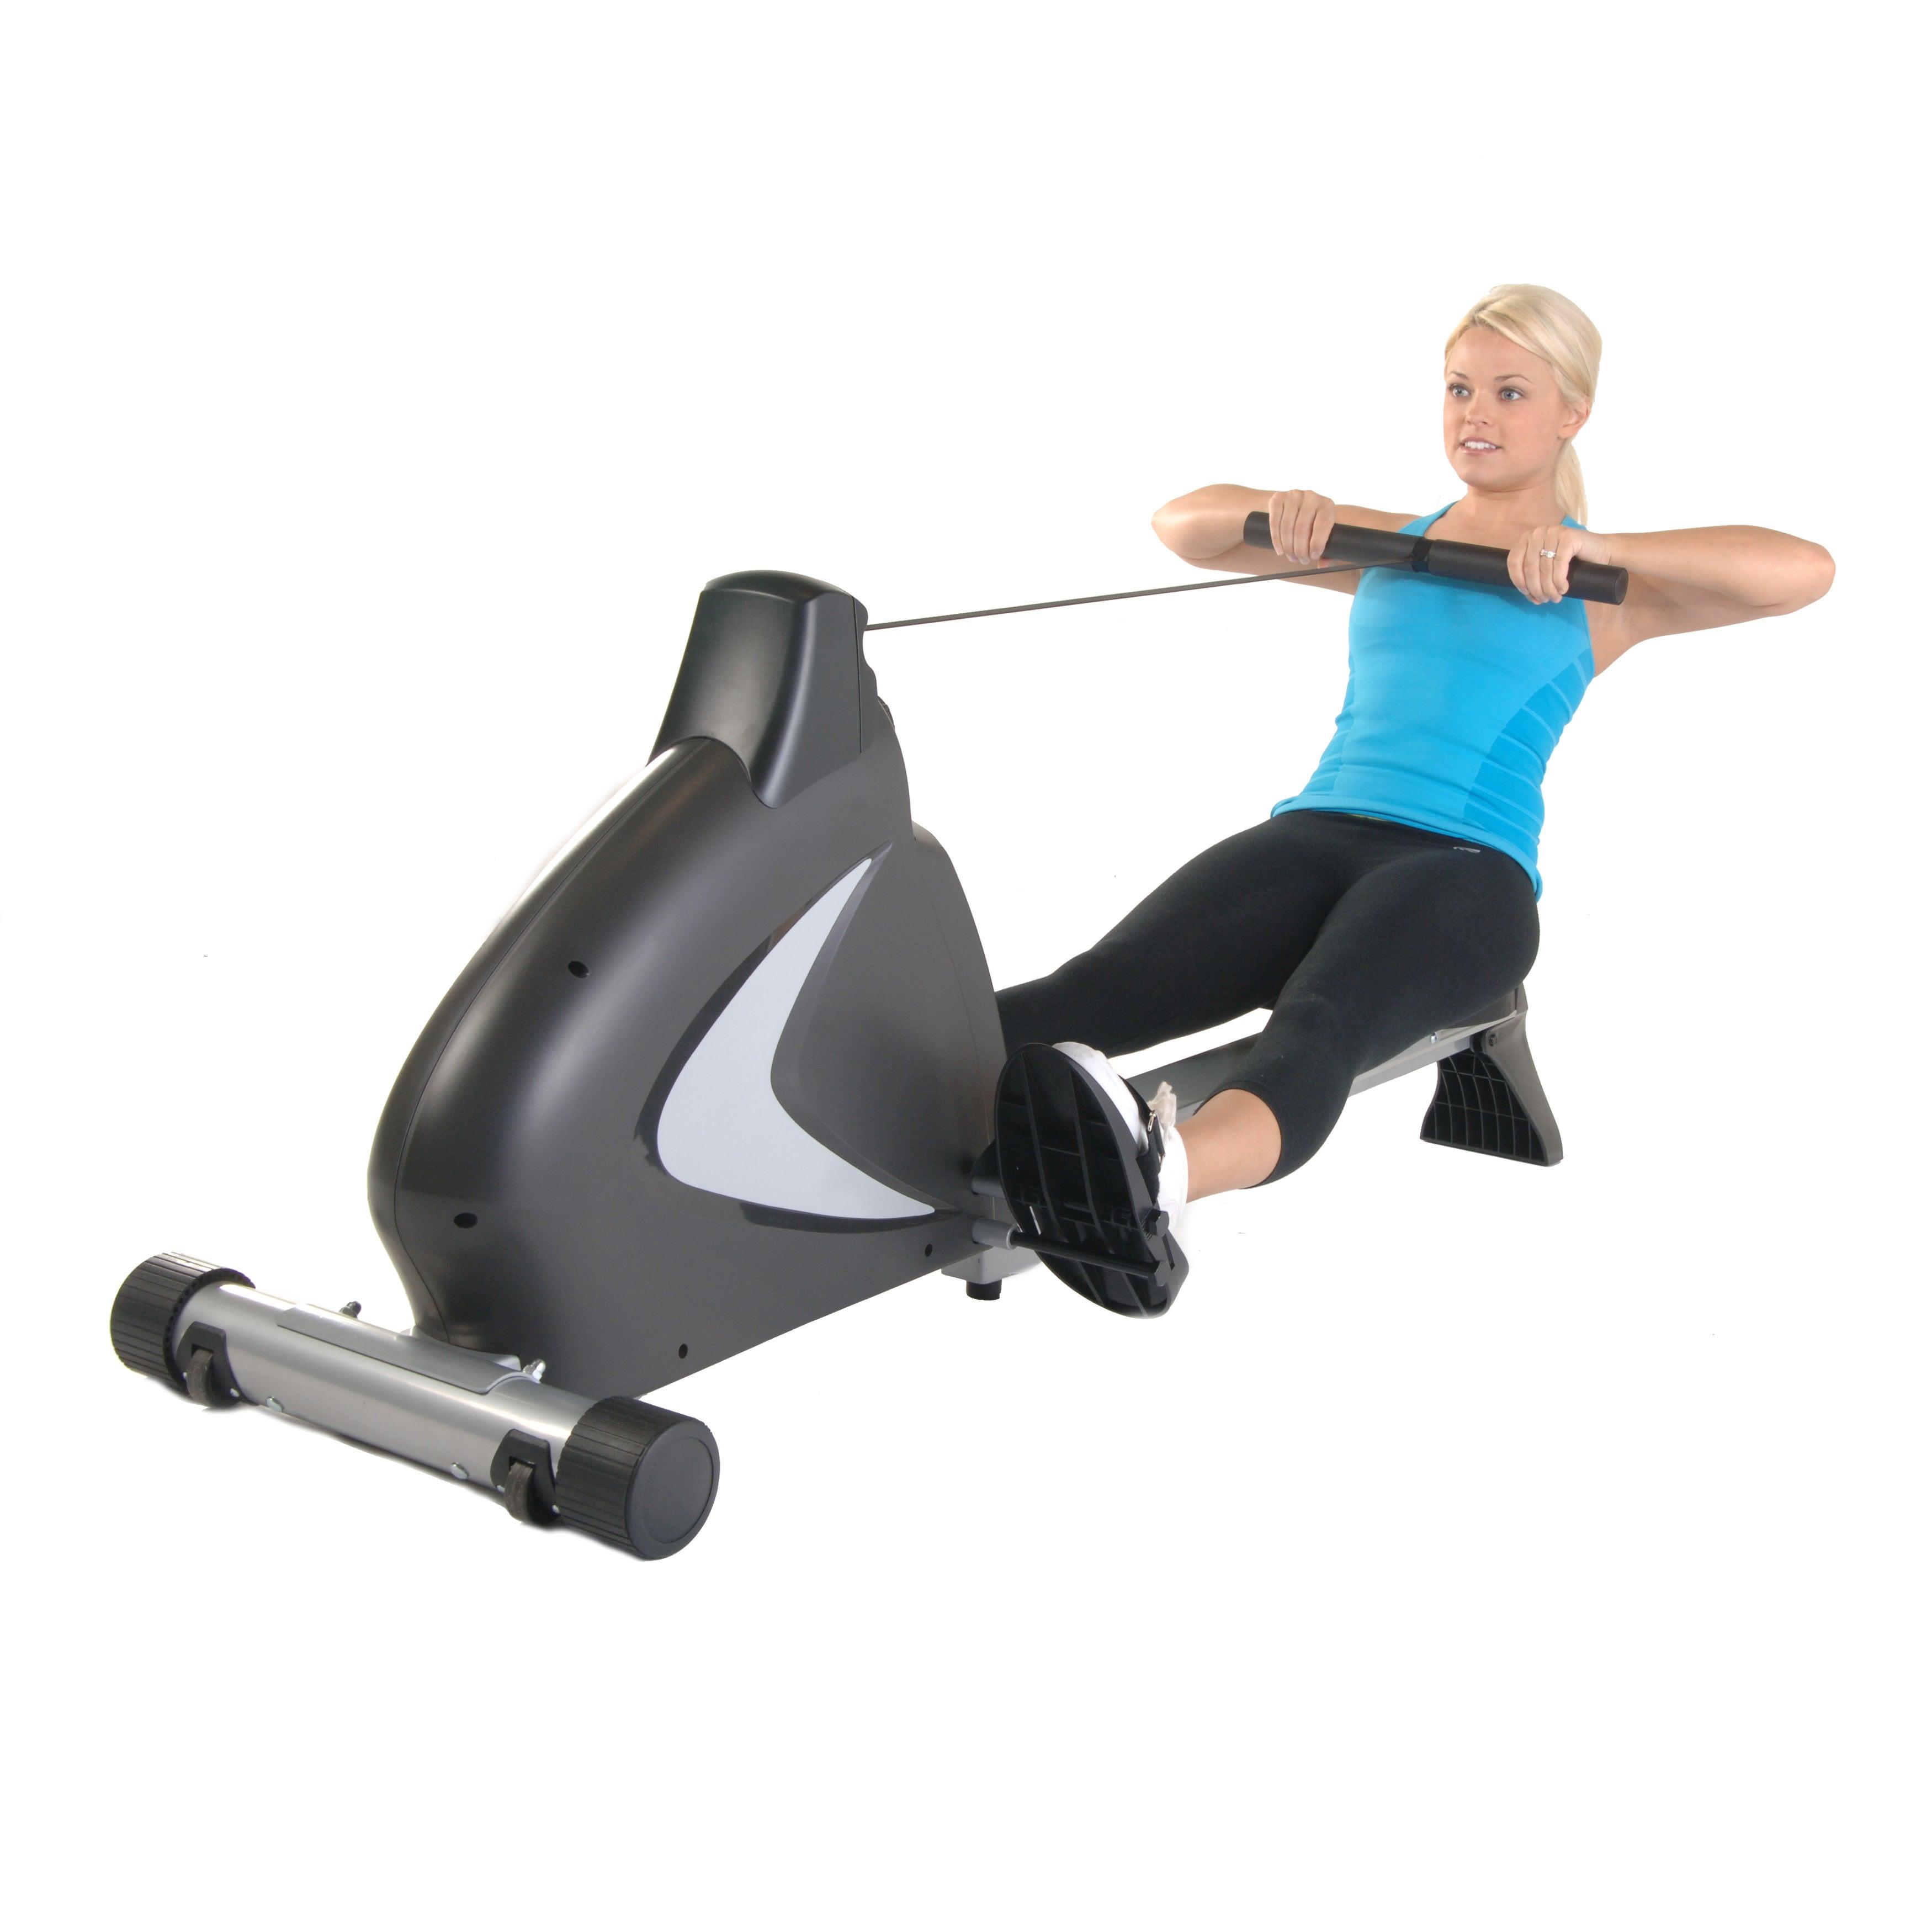 Gym Equipment Adelaide: Avari Fitness Programmable Magnetic Elliptical Trainer